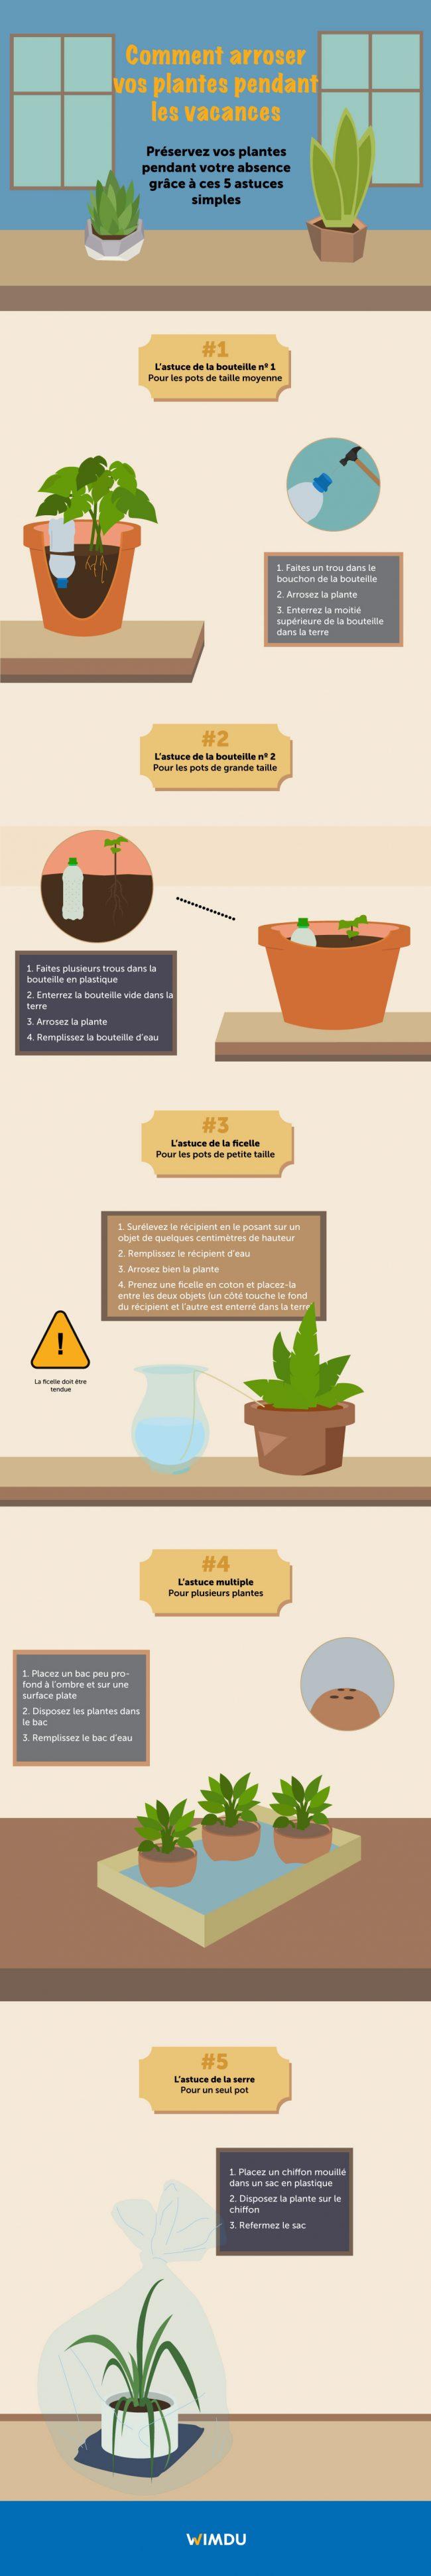 Comment Arroser Mes Plantes Pendant Les Vacances comment arroser vos plantes pendant les vacances